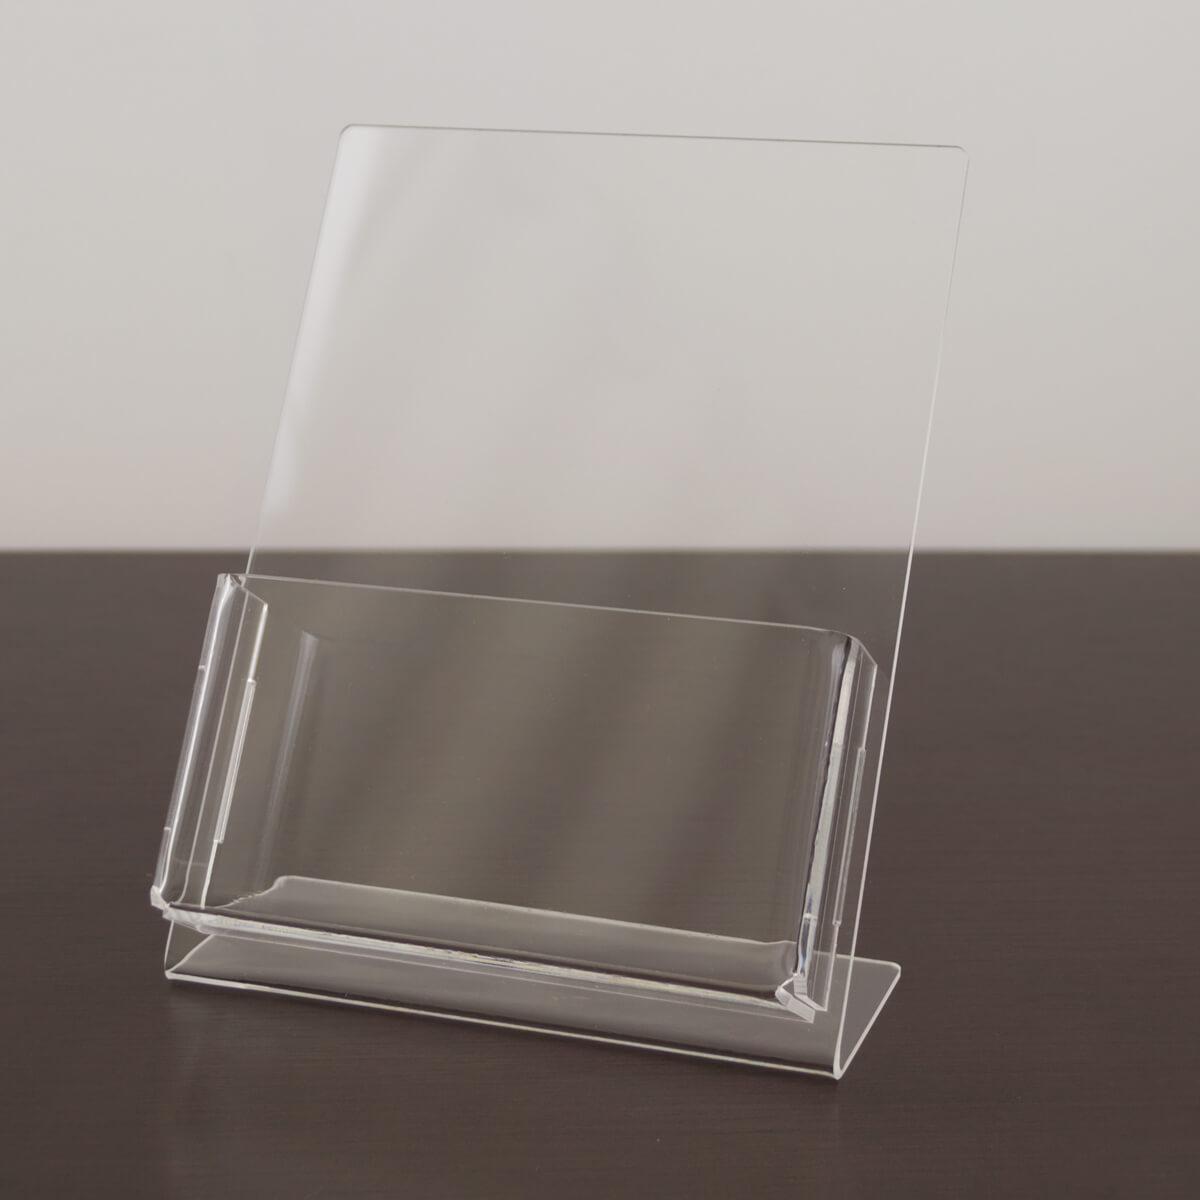 Porta folder de acrílico para folder A6